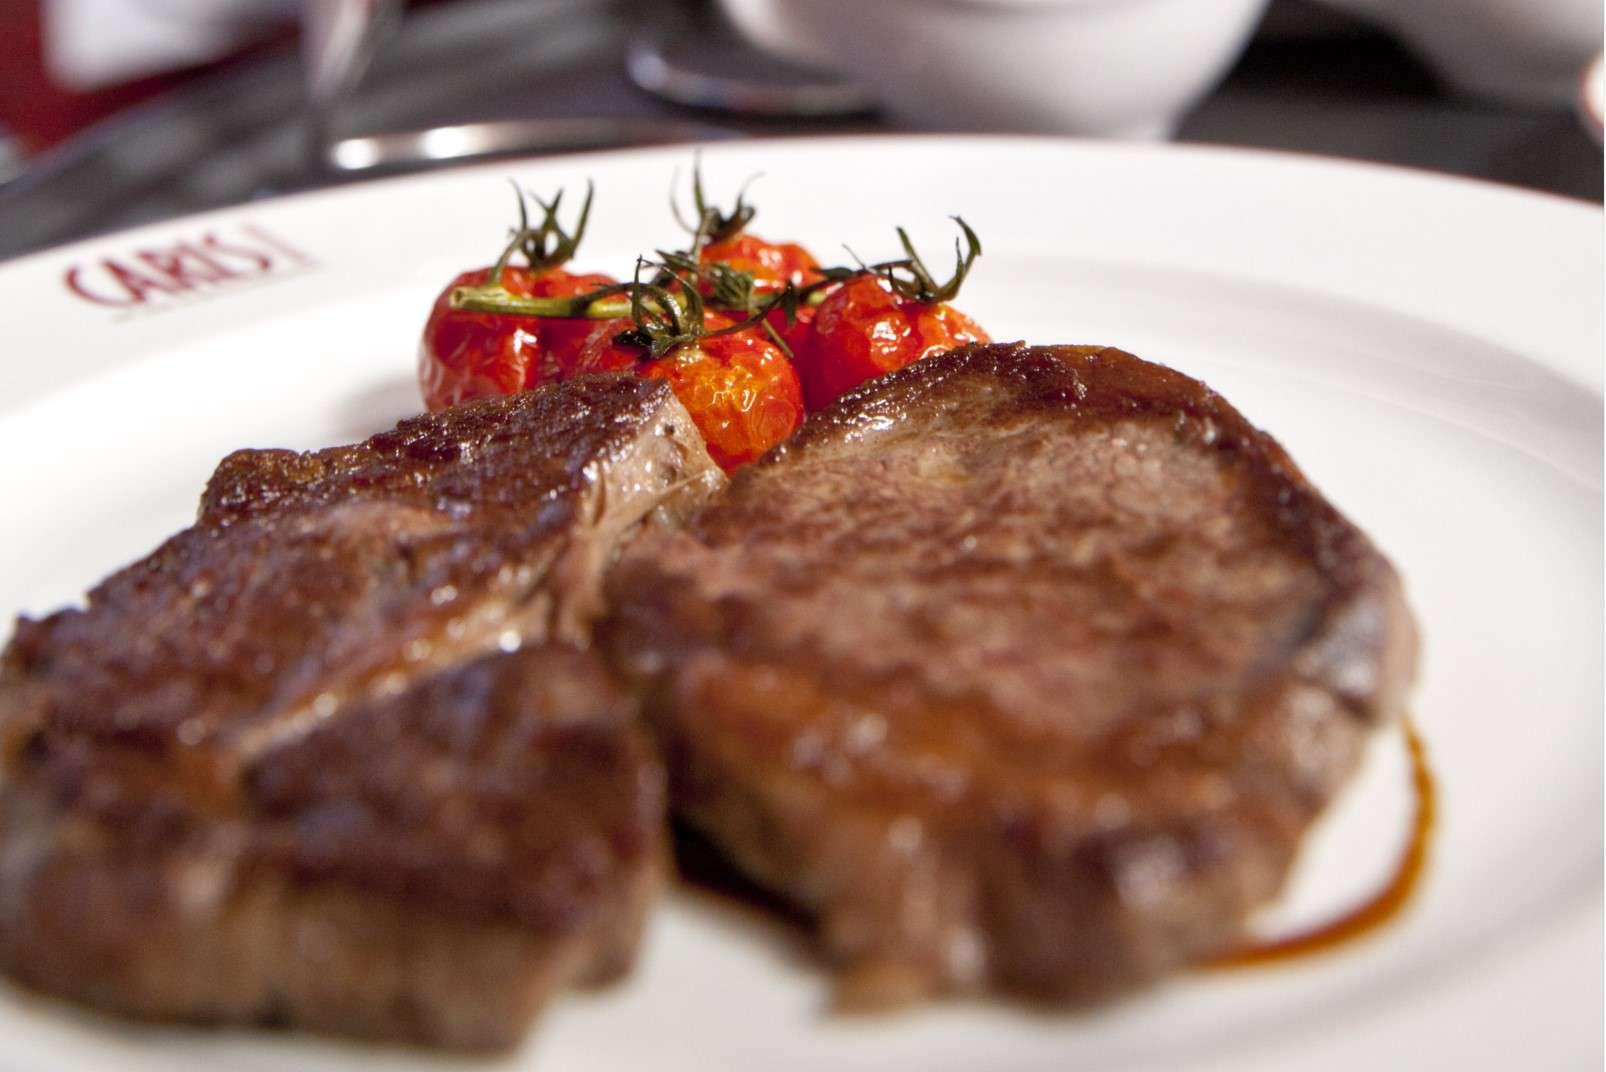 Carls Brasserie & Bistro Steak & Frites